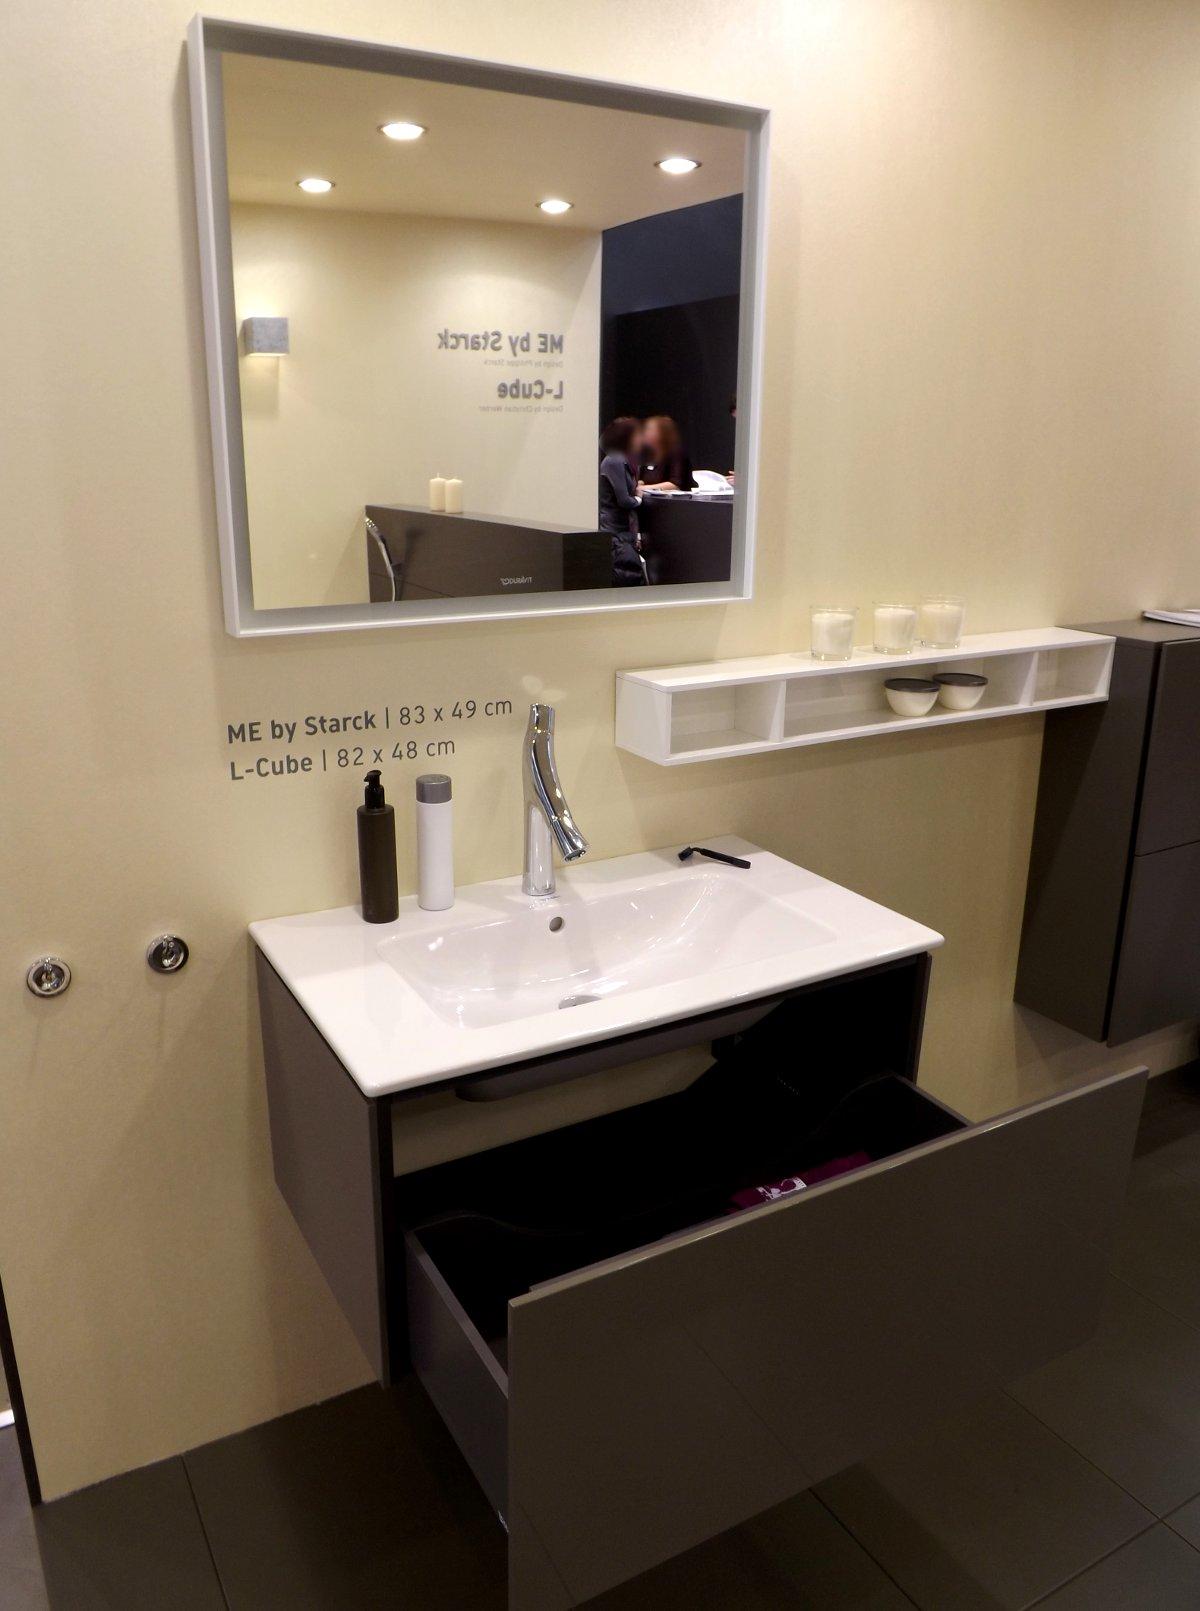 Мебель для ванной и зеркало L-Cube с раковиной ME by Starck от Duravit на выставке МосБилд 2015